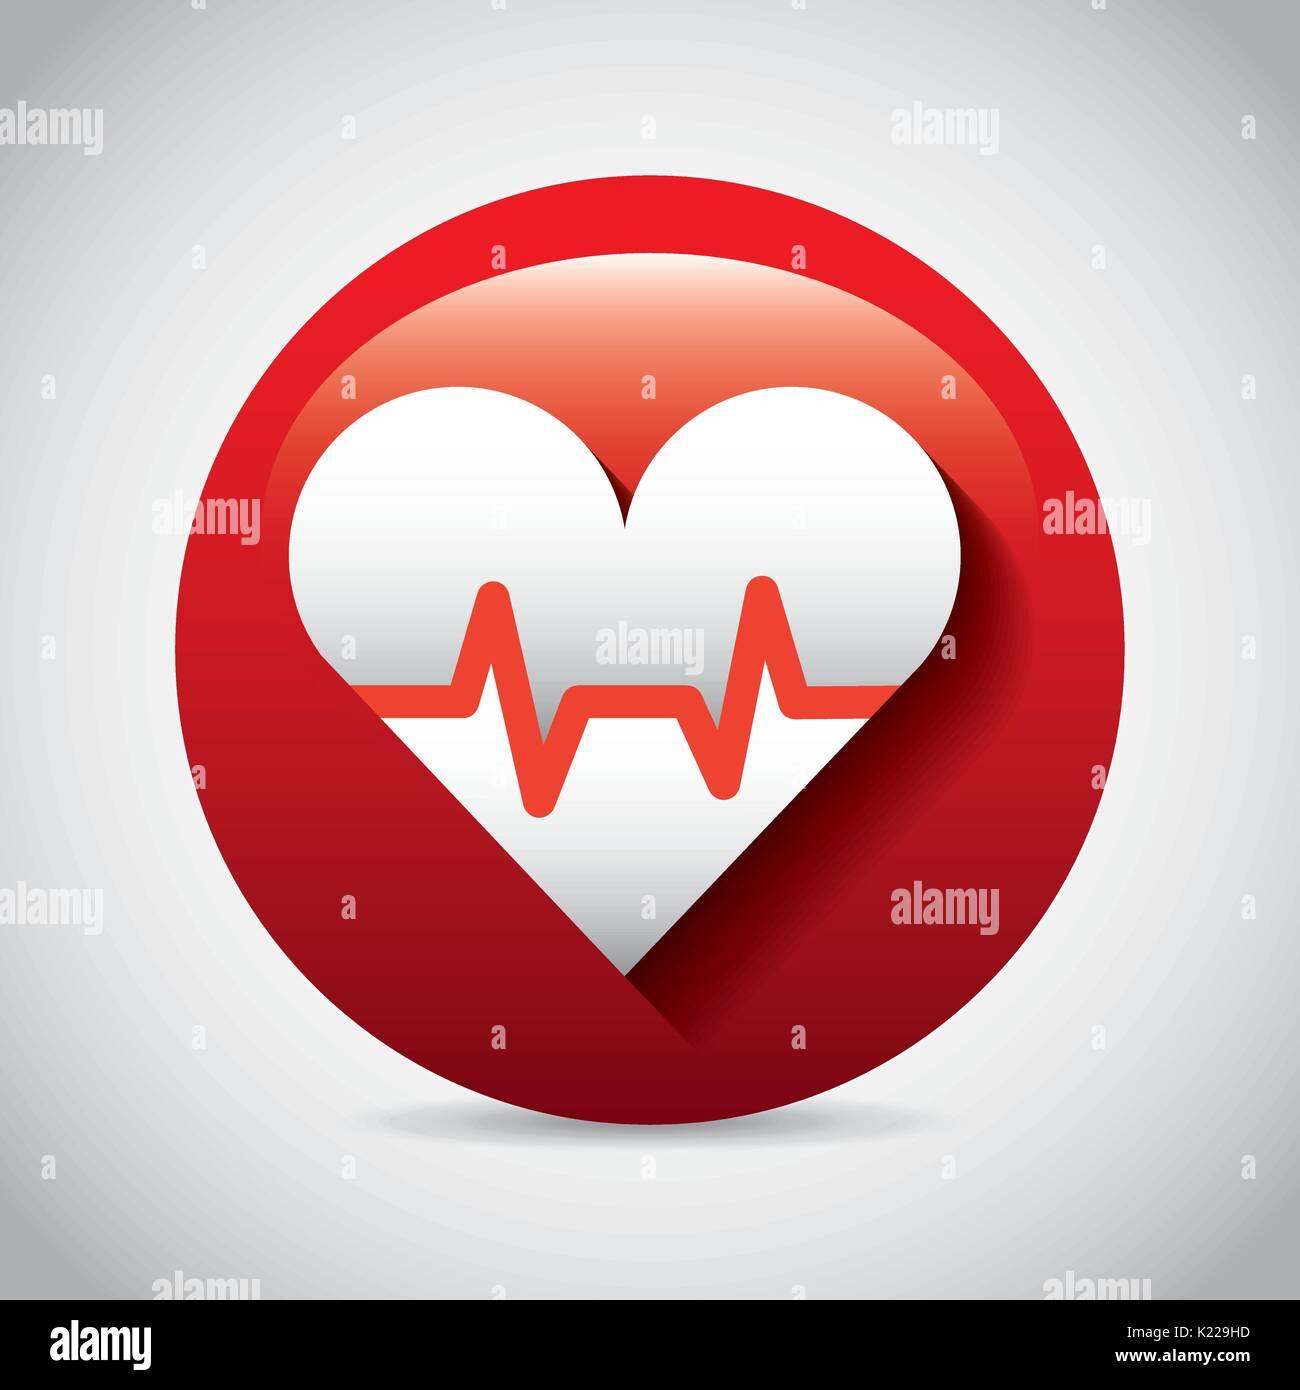 cardio measure design  - Stock Image